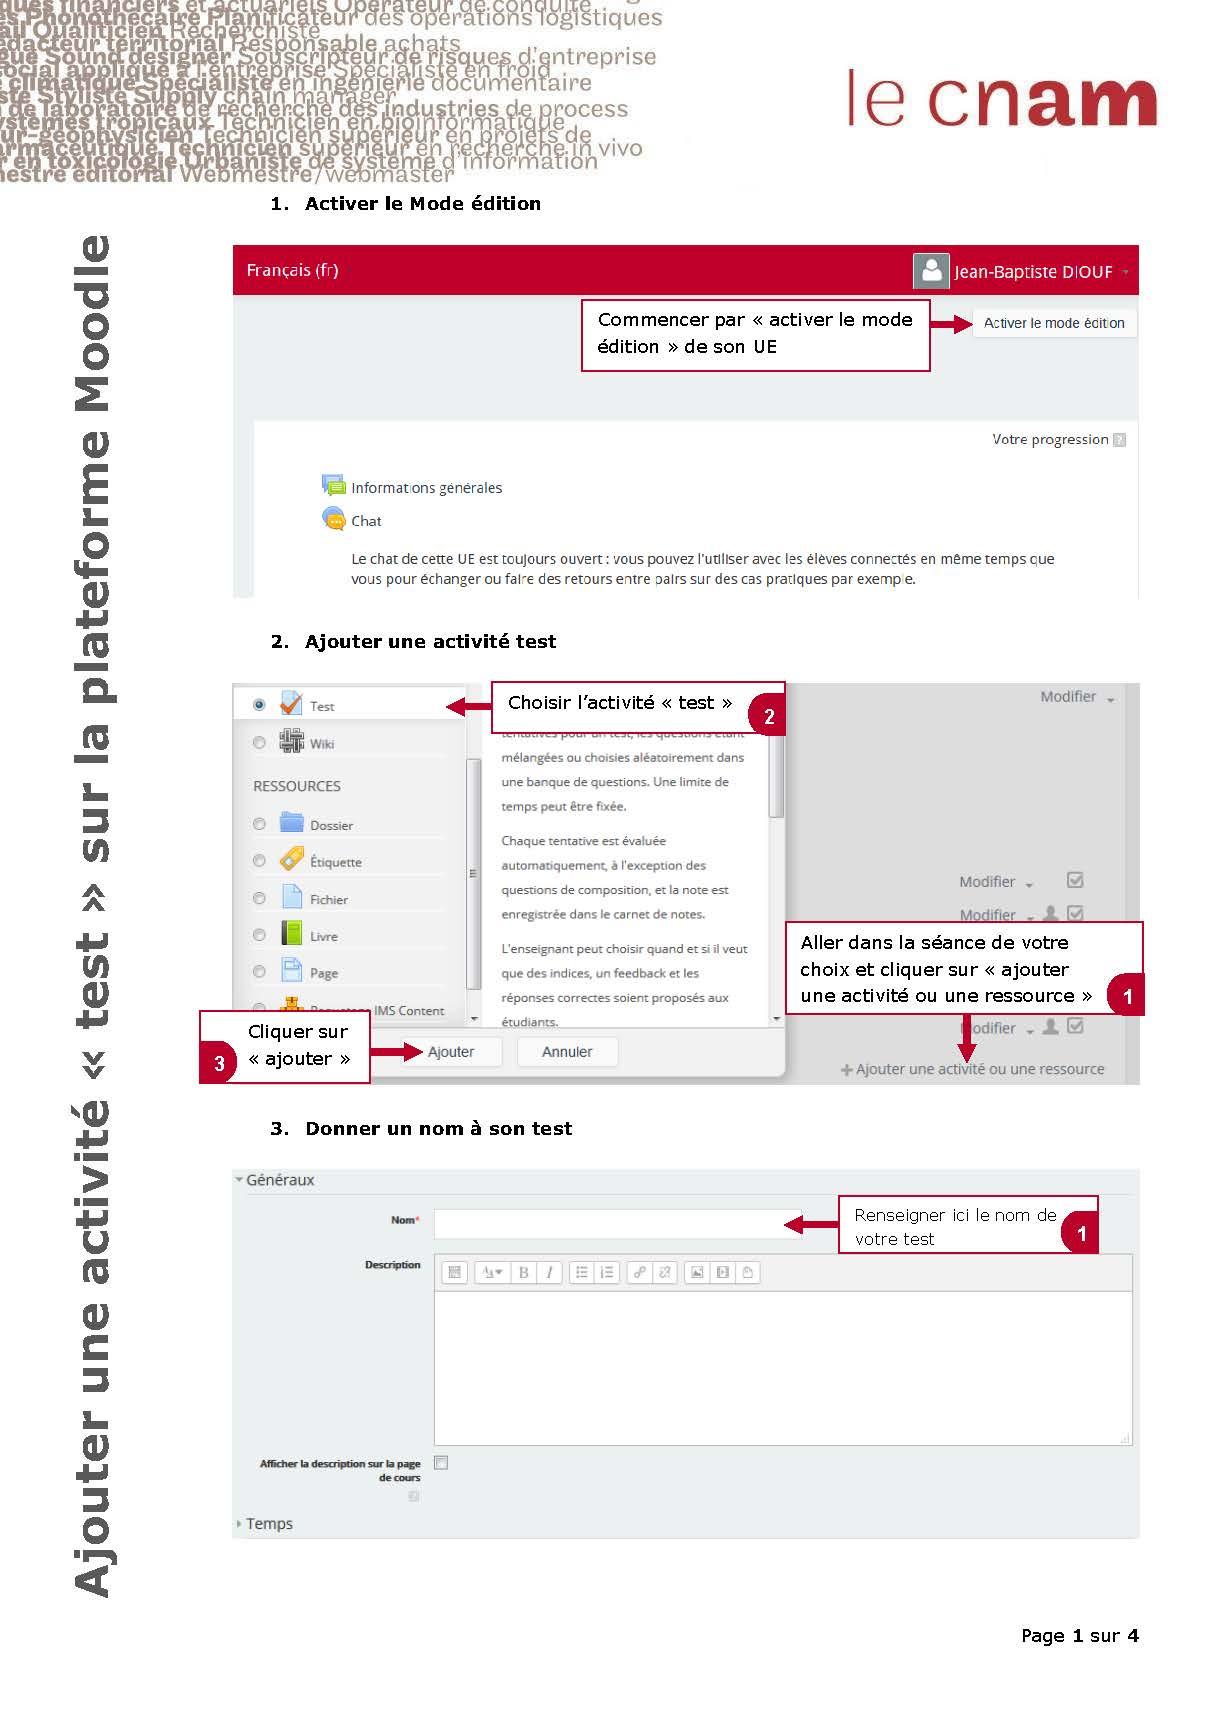 Ajouter_une_activité_test_sur_Moodle_Page_1